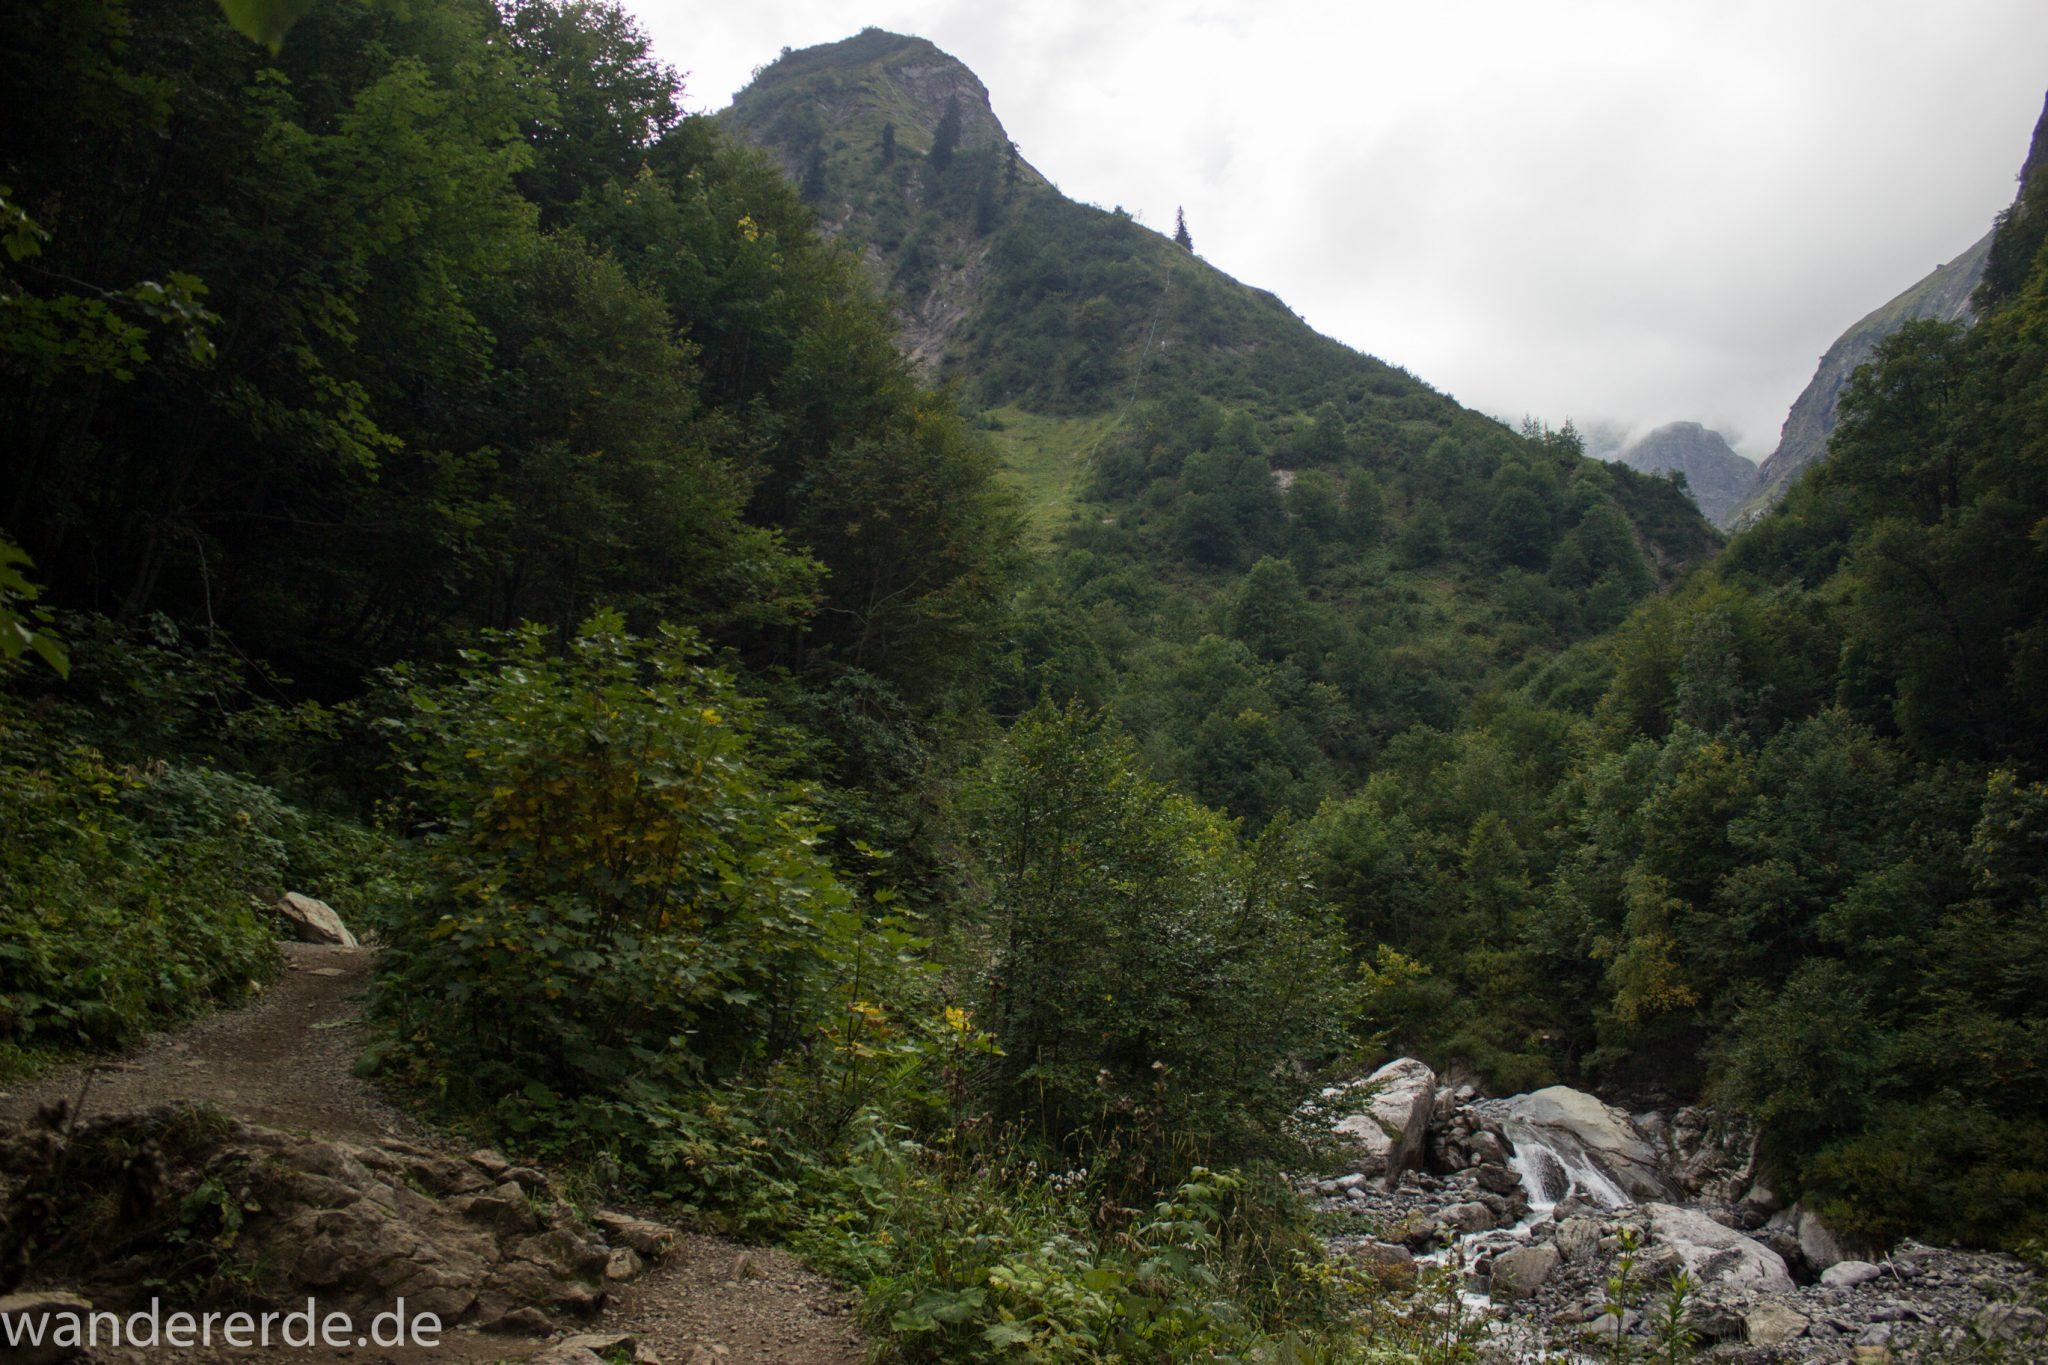 Alpenüberquerung Fernwanderweg E5 Oberstdorf Meran, 1. Etappe von Oberstdorf zur Kemptner Hütte, Wanderweg führt von der Spielmannsau bei Oberstdorf im Allgäu zur Kemptner Hütte  entlang eines schmalen Wanderpfads über Stock und Stein, am Fluss entlang, umgeben von saftig grüner Vegetation, beinahe wie im Dschungel, schöner, dichter Wald, Aussicht auf die Berge im Allgäu, Bayern